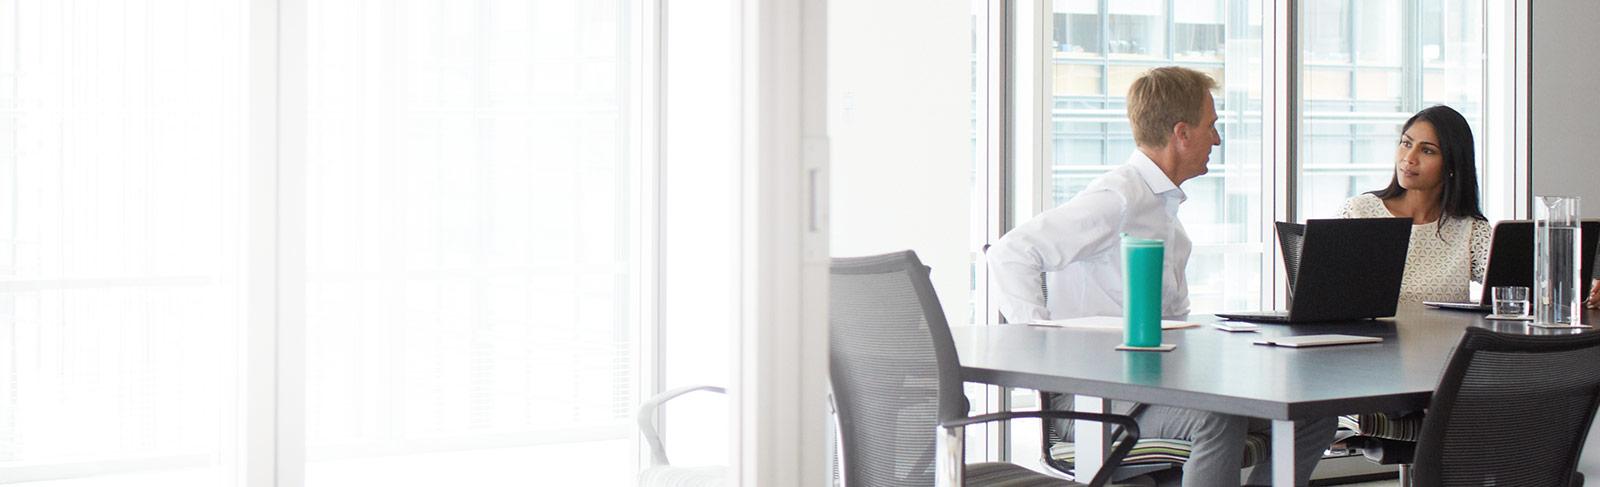 To personer i et mødelokale, som arbejder med Office 365 Enterprise E3 på bærbare computere.